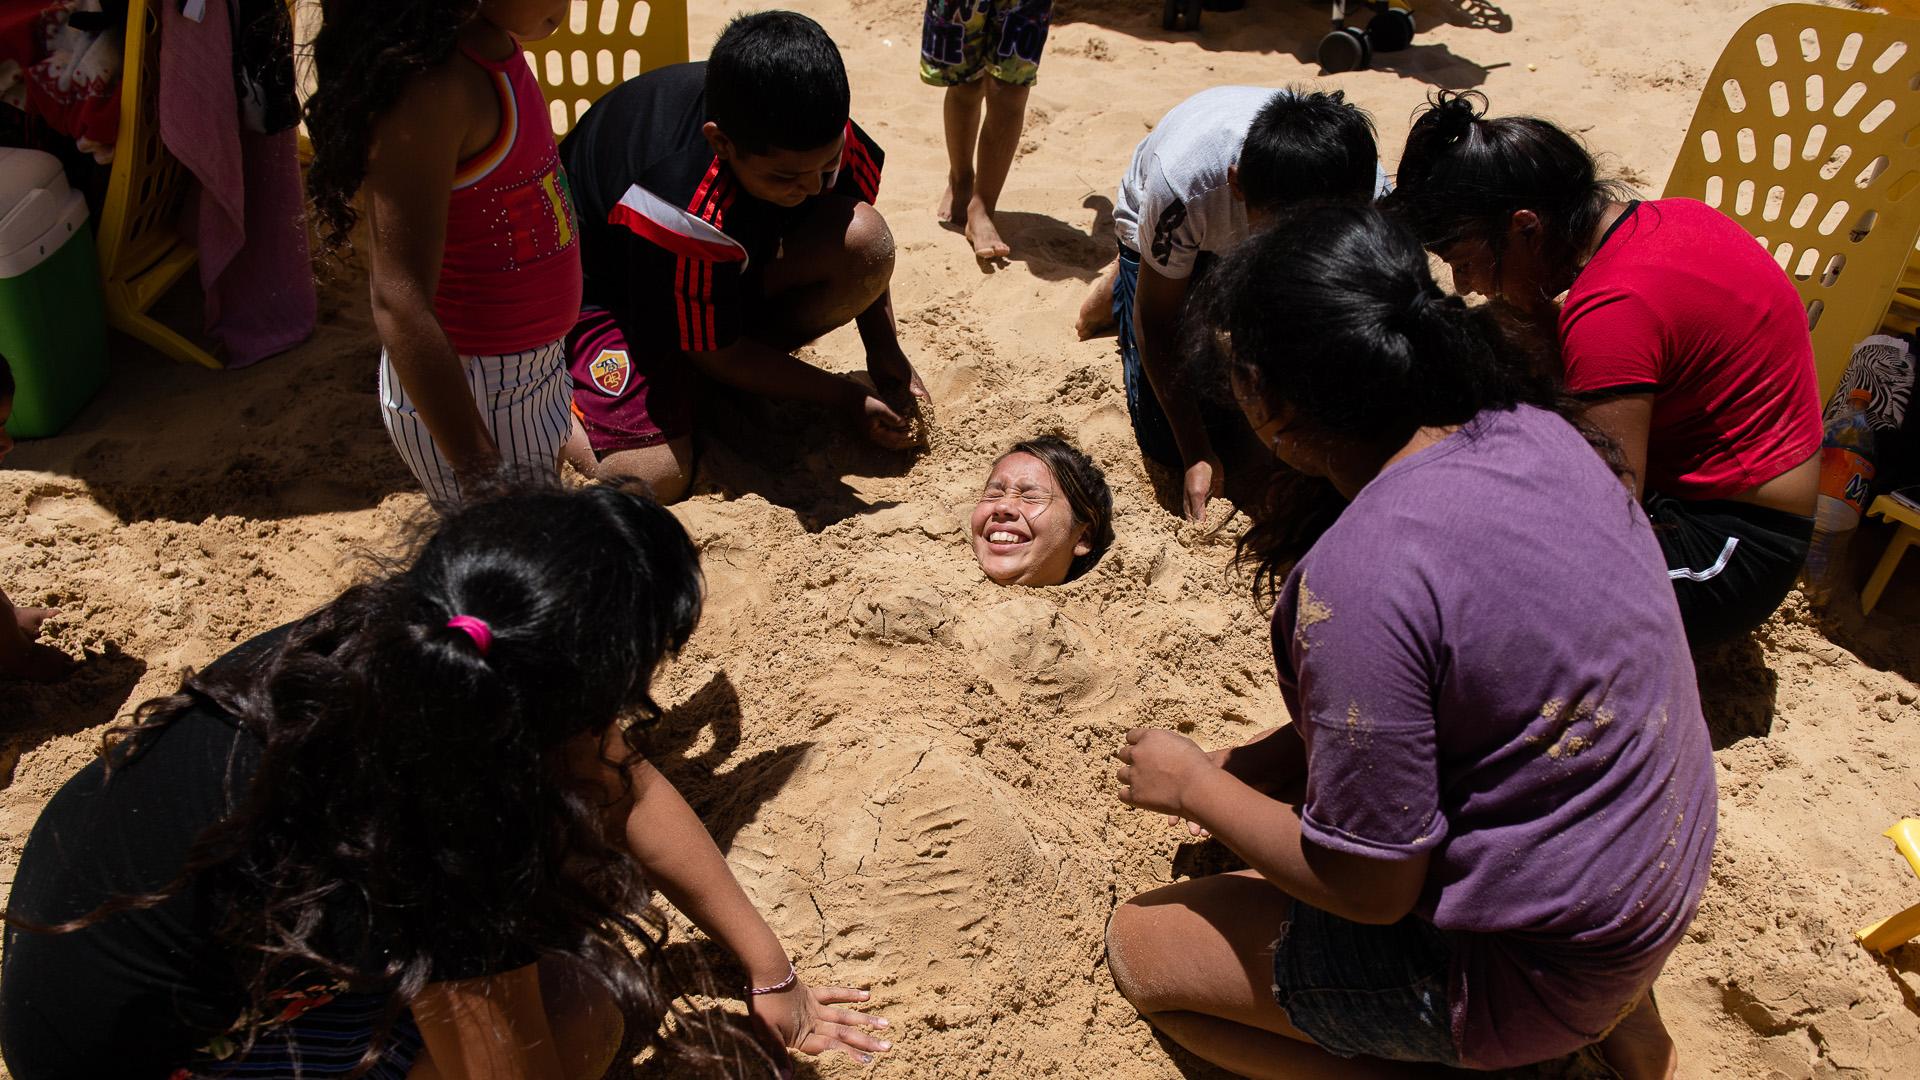 Los chicos disfrutan a pleno sol improvisando con juegos típicos de playa